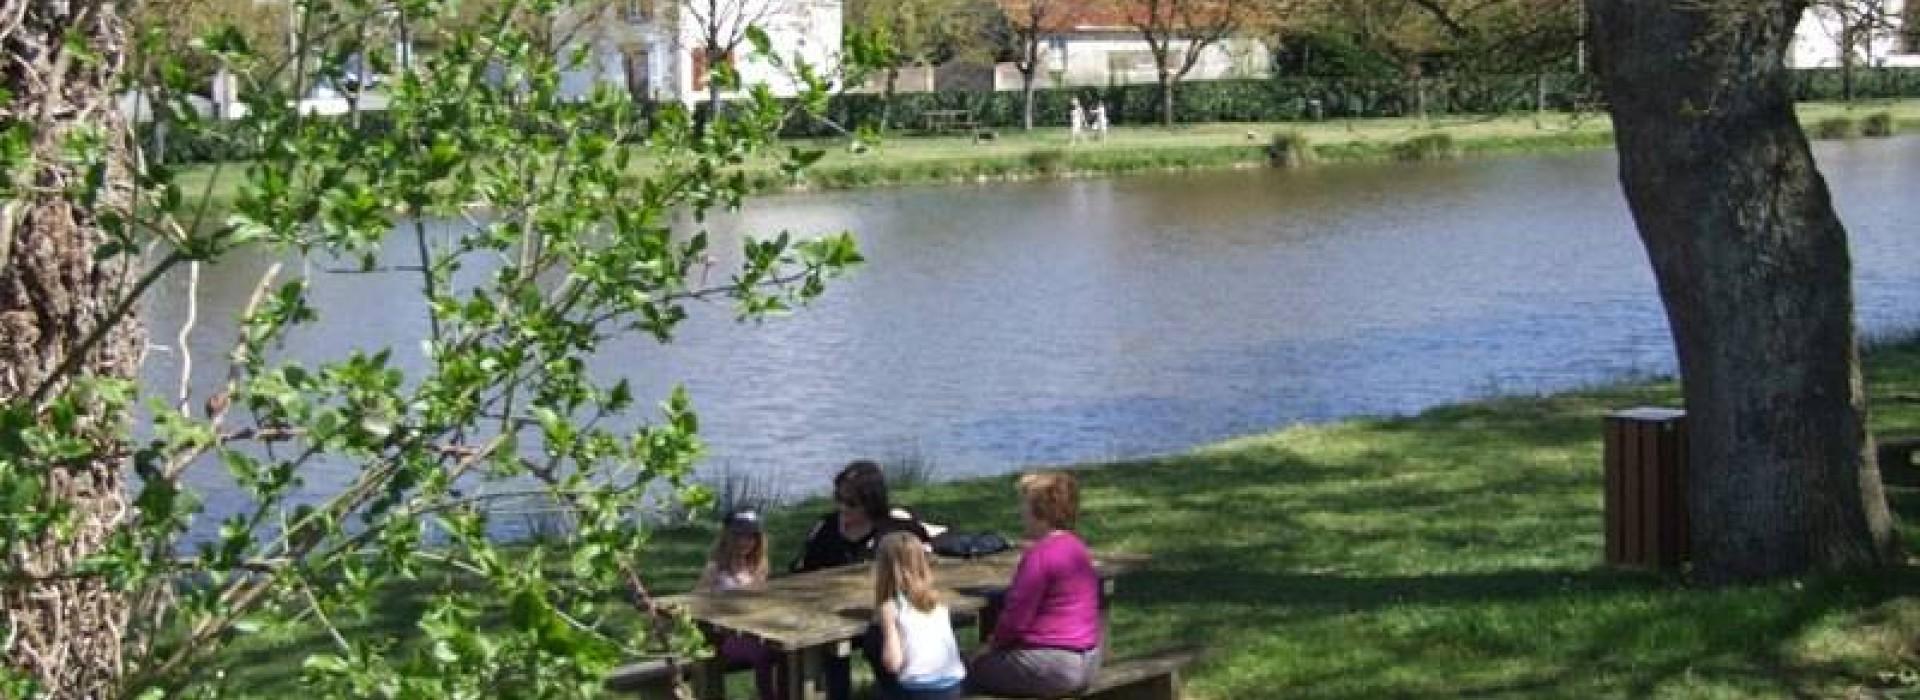 Des Et Jardins La En Pays Loire Parc EtangsParcs De k8wOXn0P